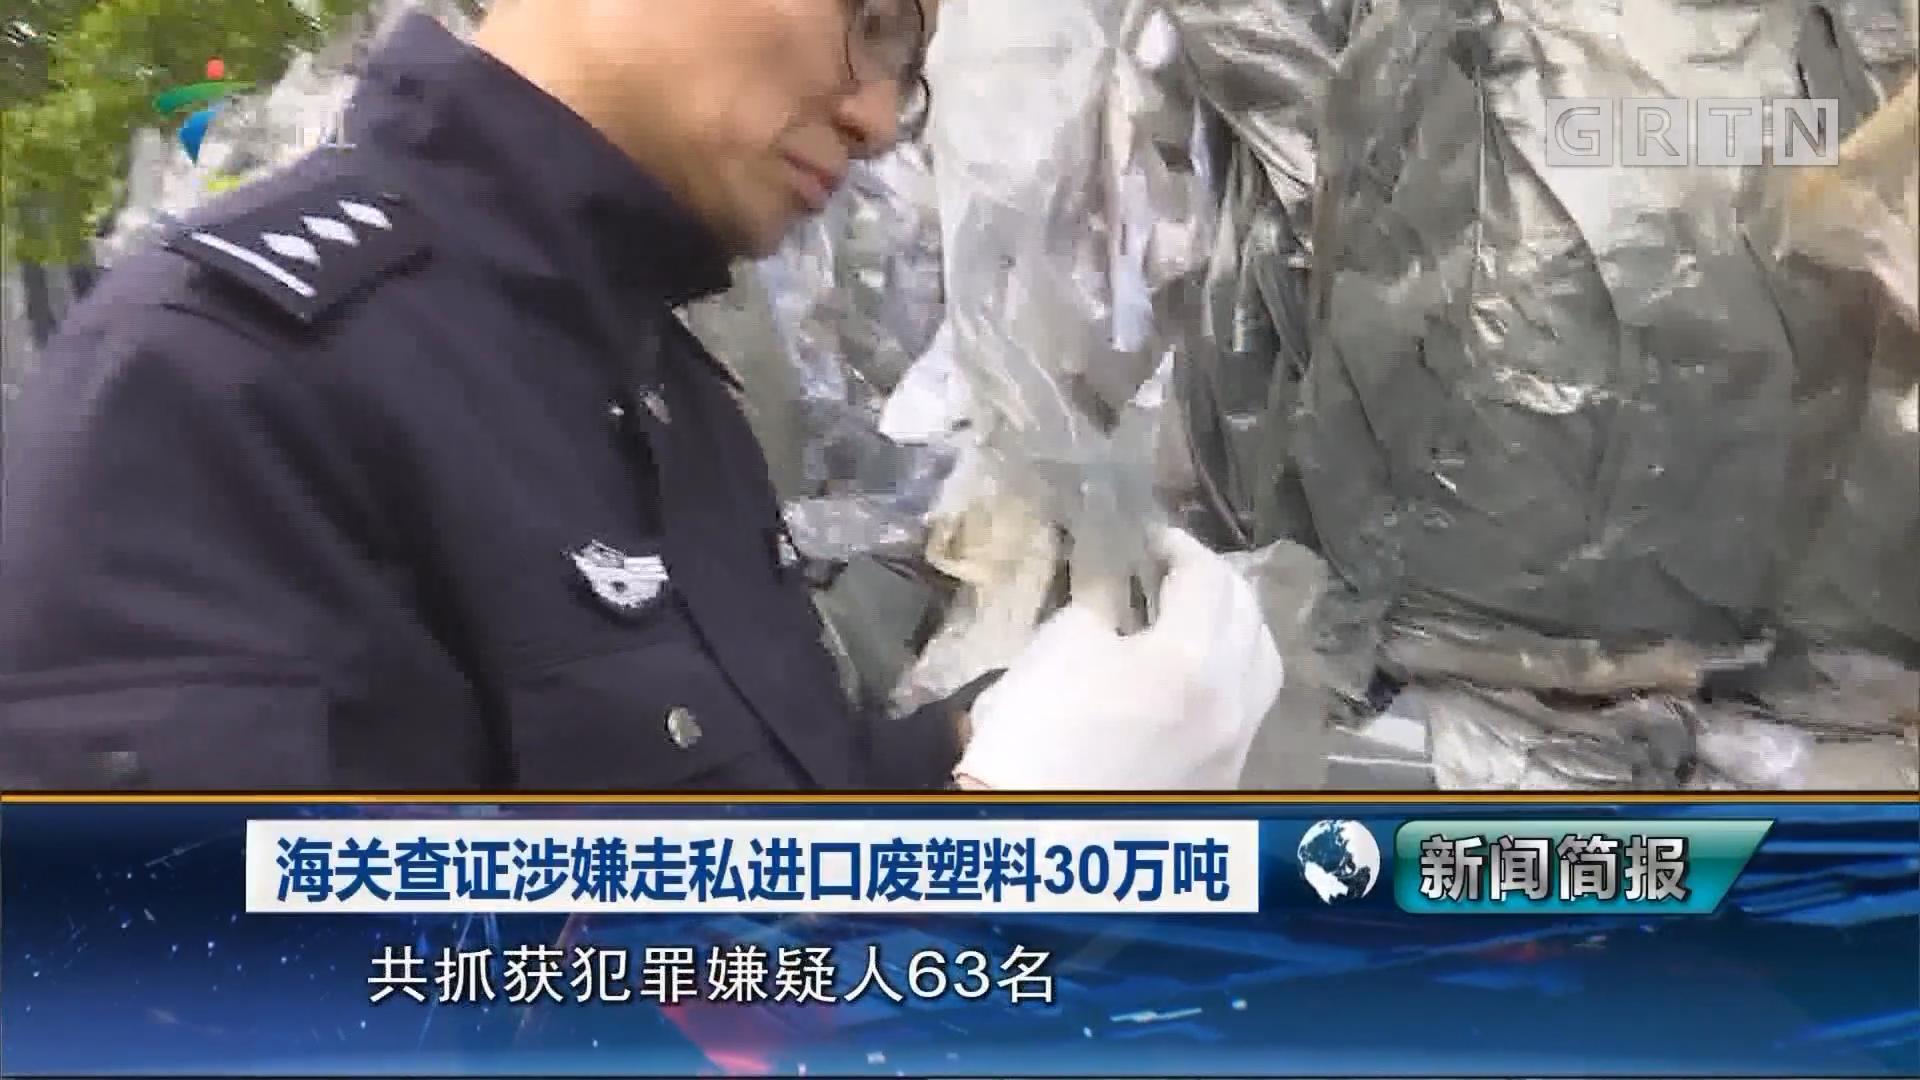 海关查证涉嫌走私进口废塑料30万吨